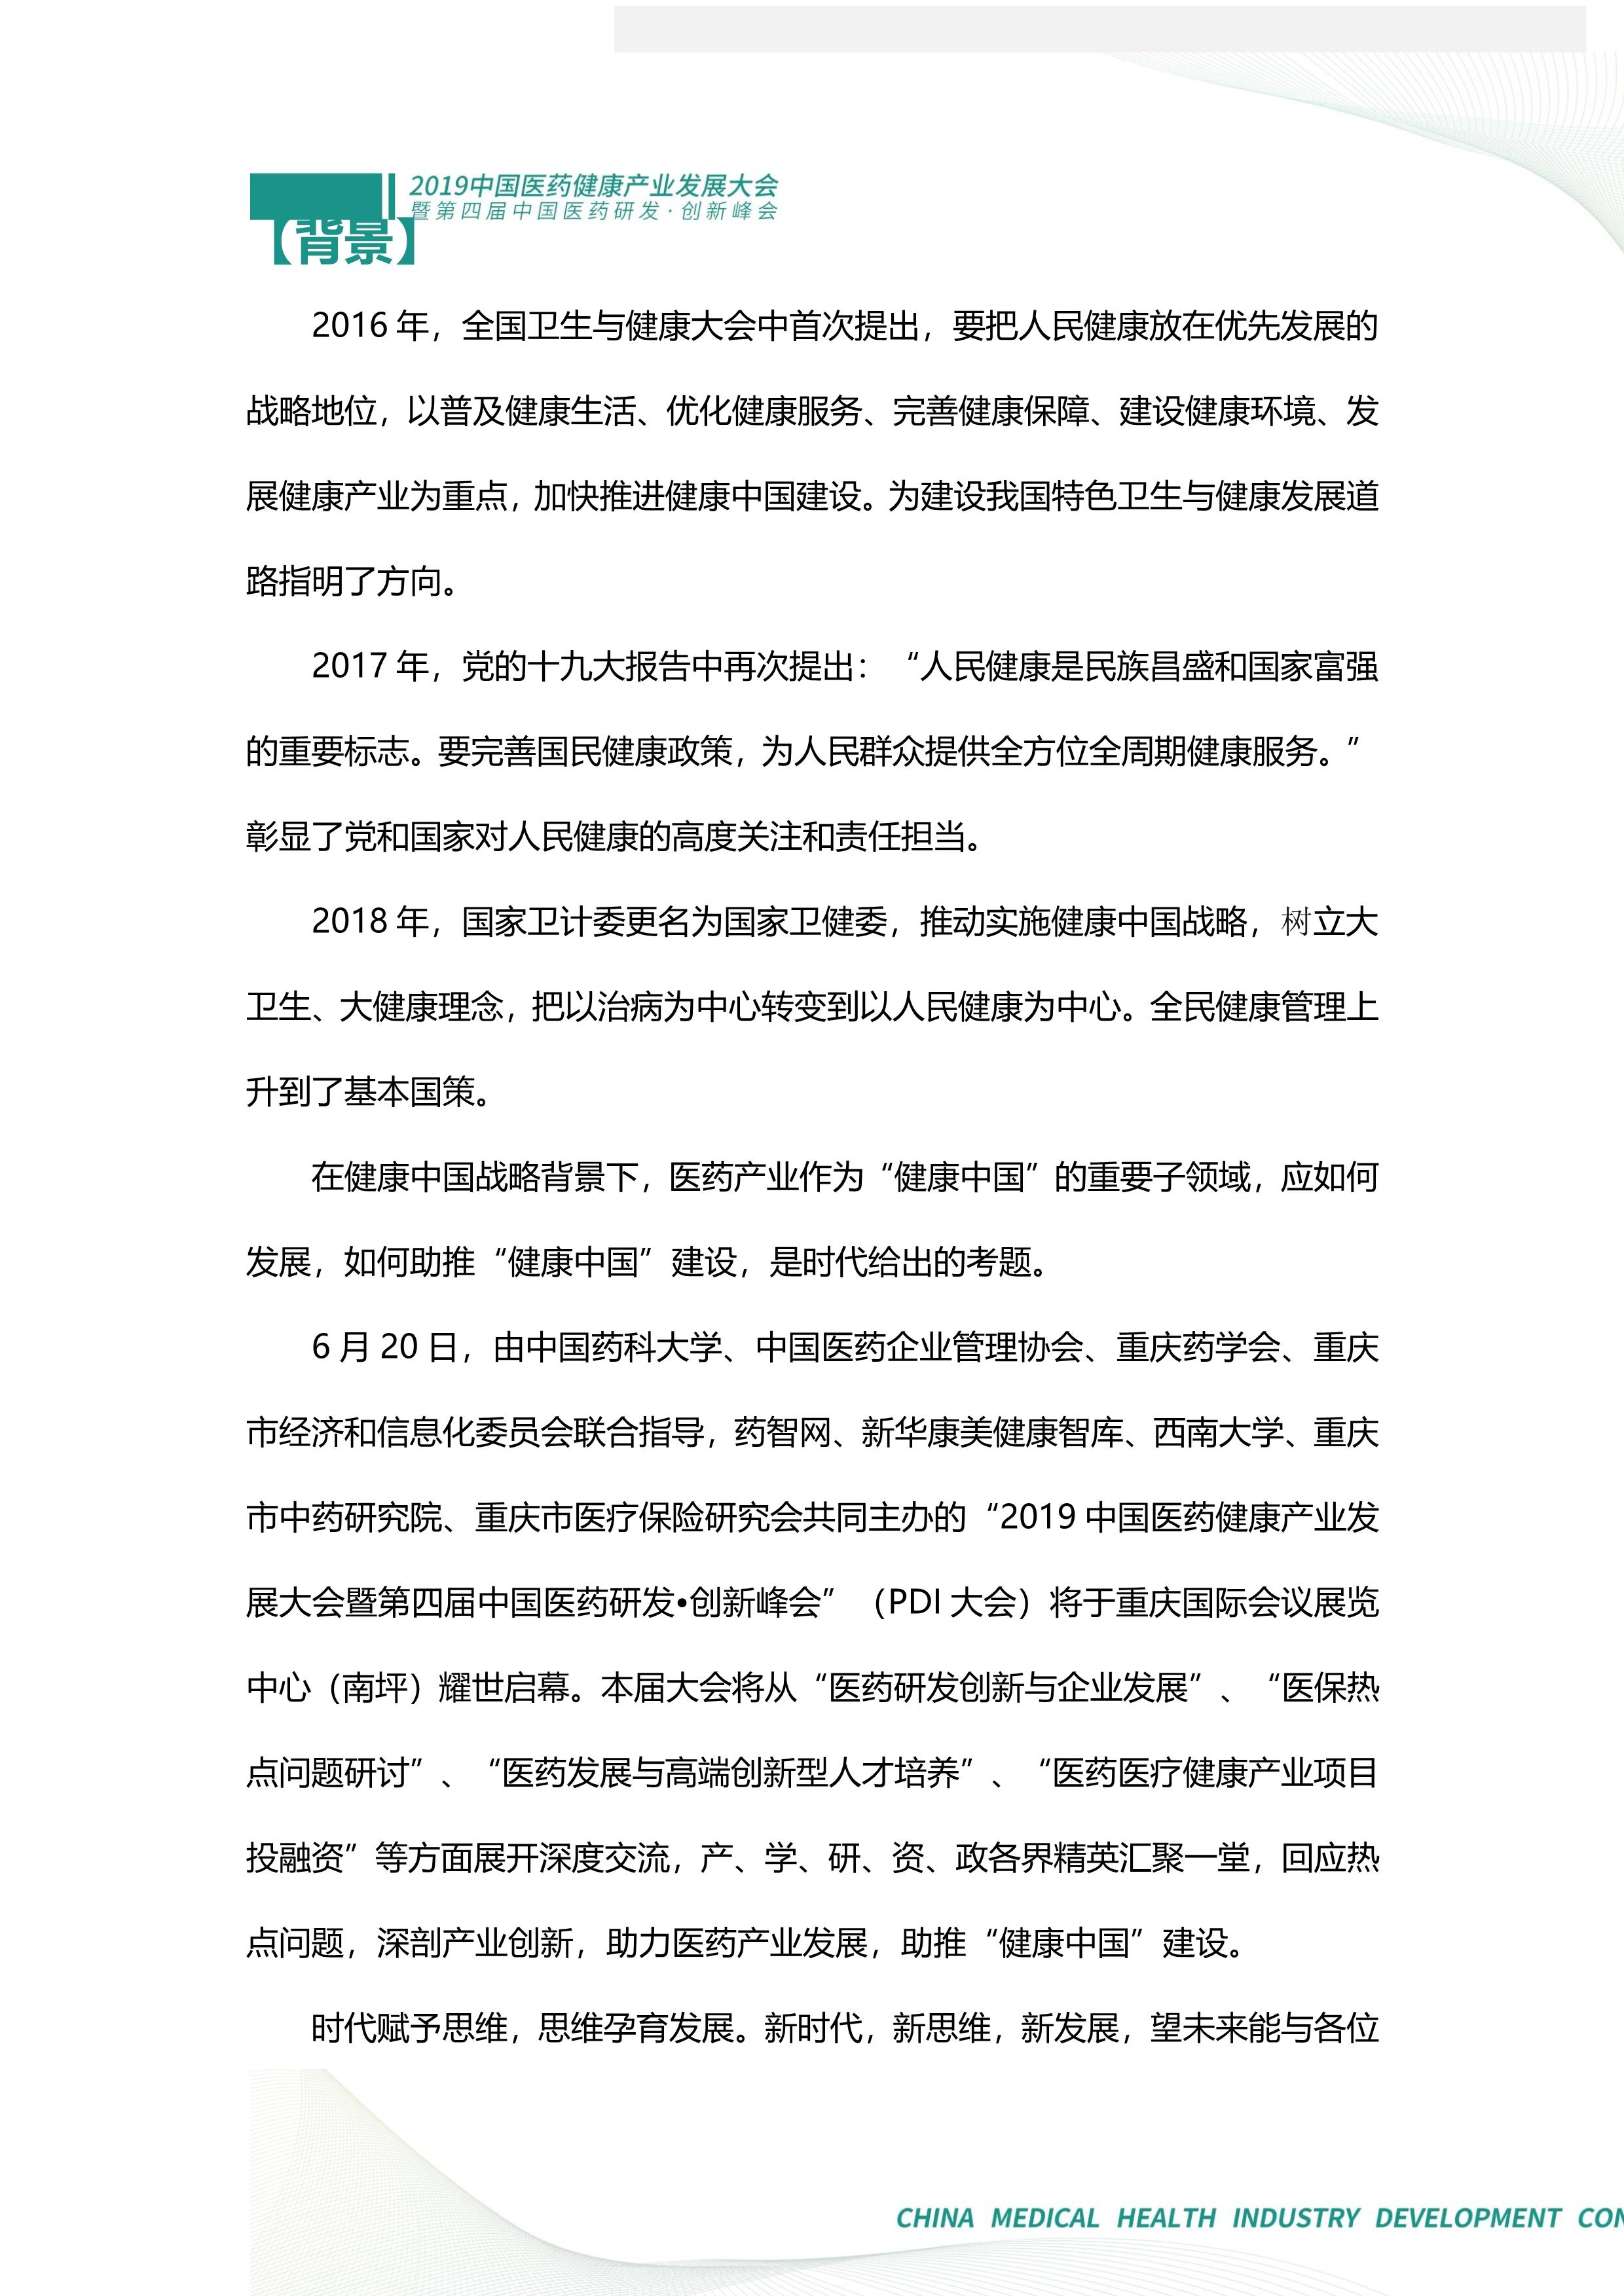 2019年第四届中国医药研发•创新峰会-邀请函0529(1)_2